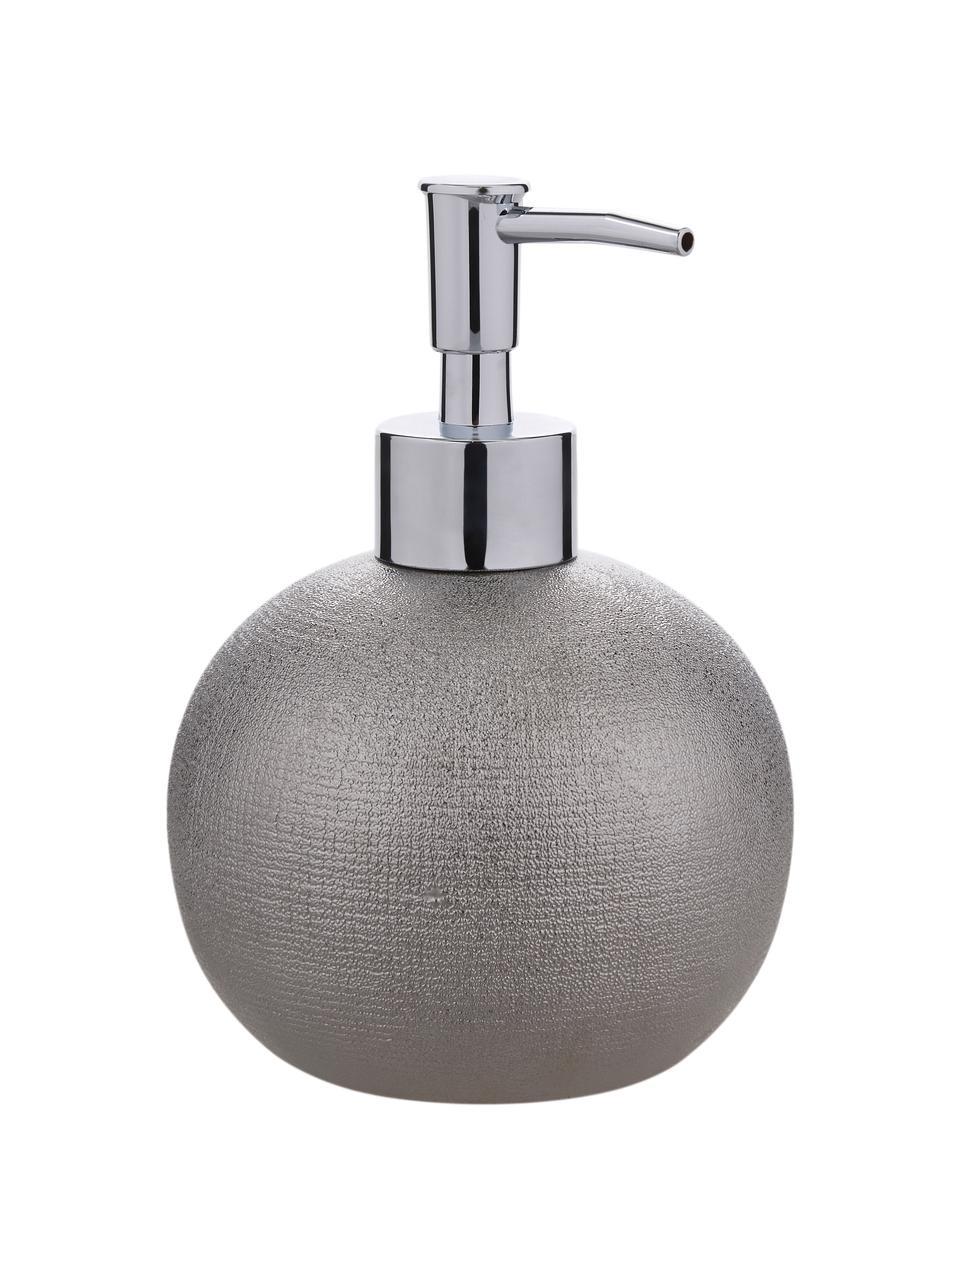 Dosatore di sapone Glitter in terracotta, Grigio argento, Ø 10 x Alt. 15 cm